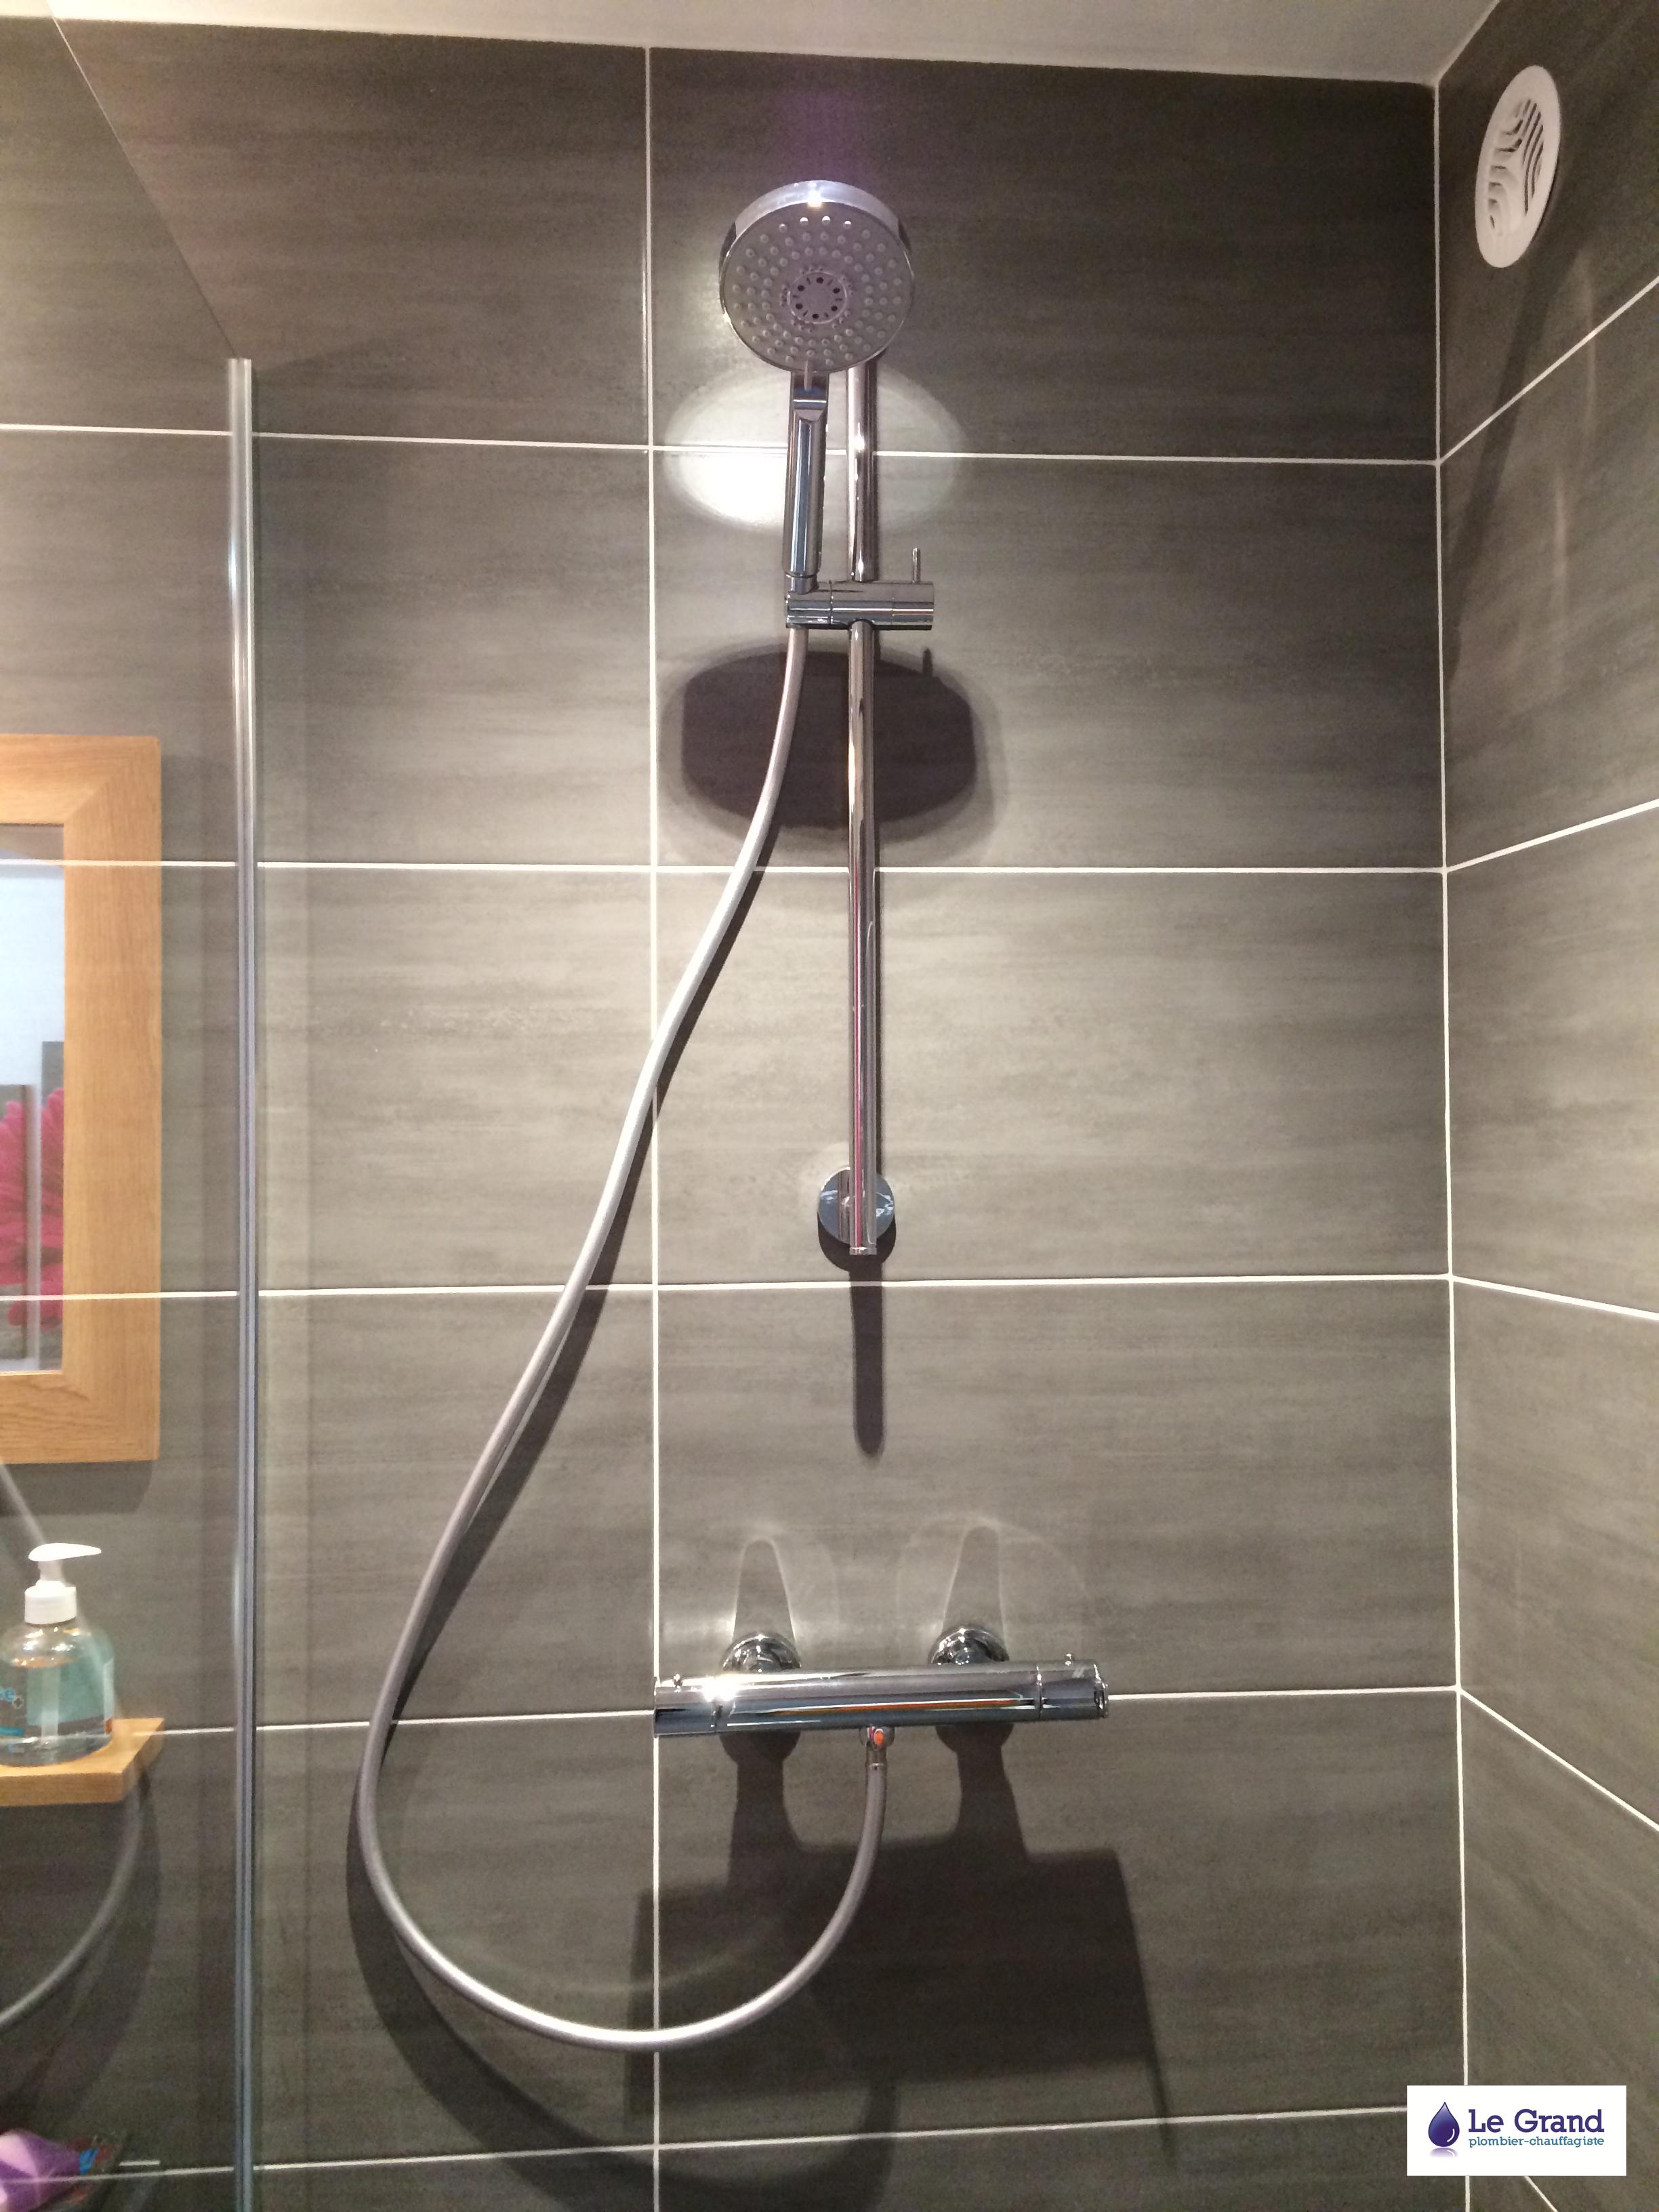 legrandthomasplombier.files.wordpress.com/2013/03/le-grand-plombier-chauffagiste-rennes-bruz-salle-de-bains-rennes-plomberie-agencement-salle-de-bains-receveur-acquabella-noir-fac3afence-grise-1